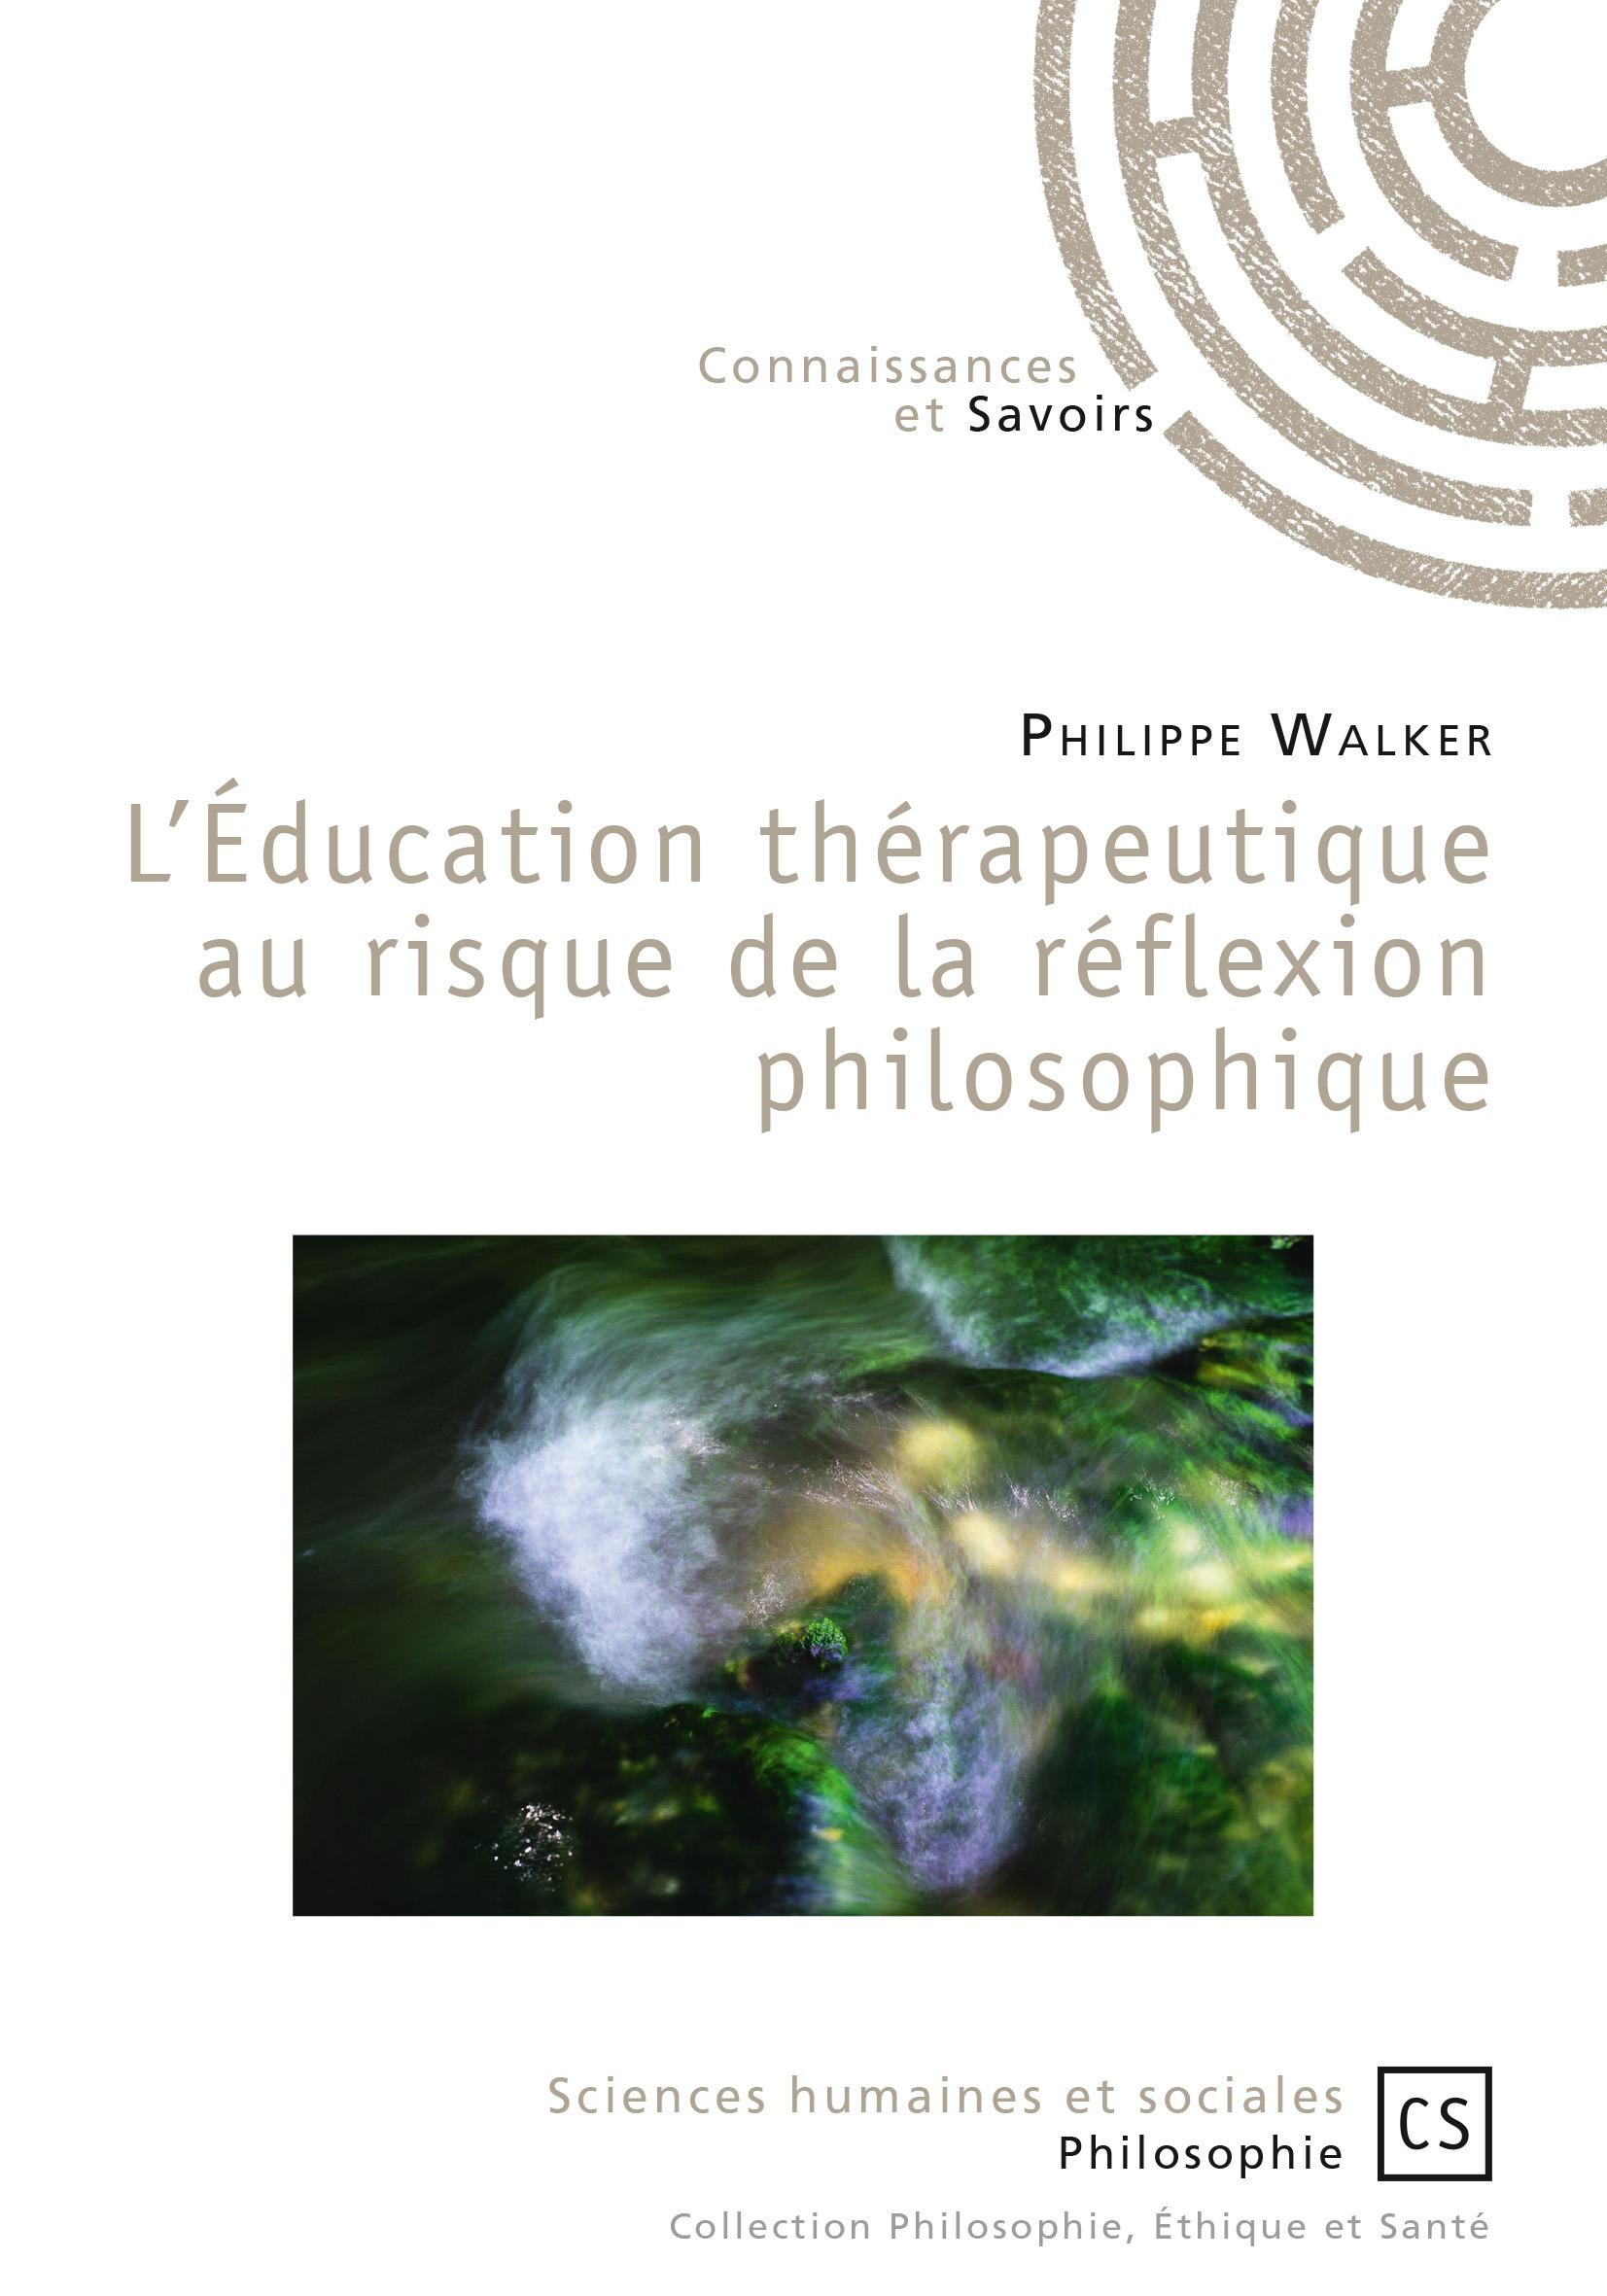 L'éducation thérapeutique au risque de la réflexion philosophique  - Philippe Walker